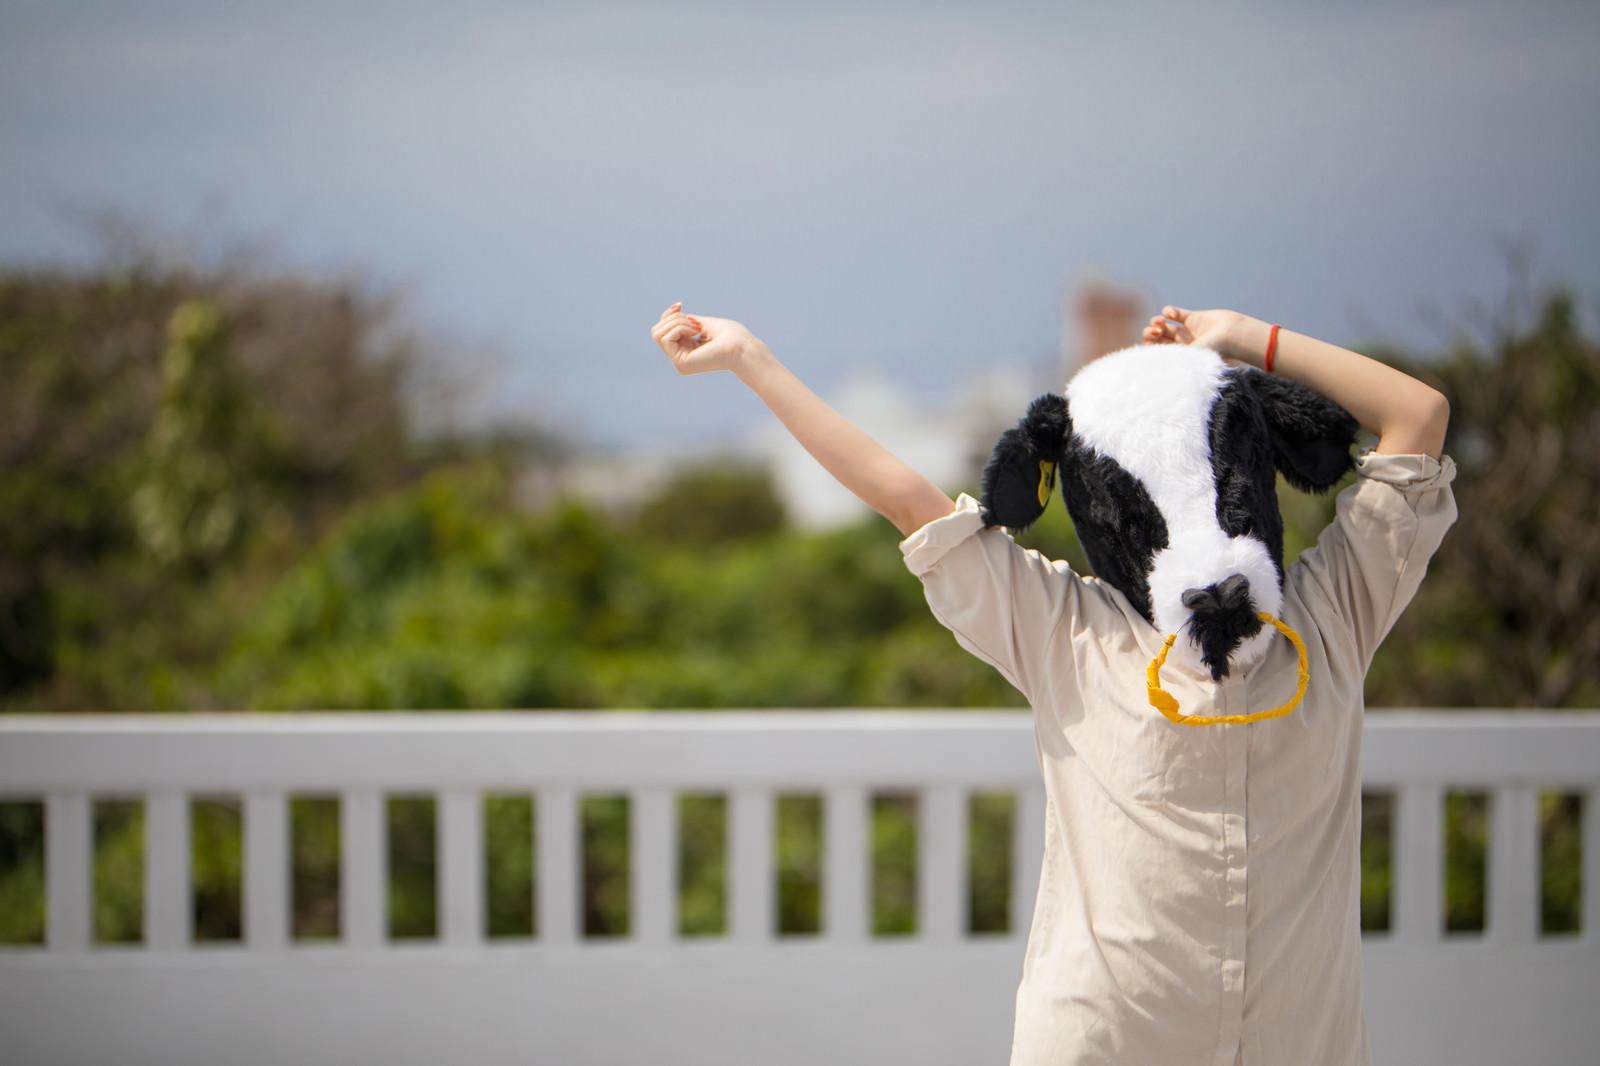 「伸びをするエト牛」の写真[モデル:古性のっち]